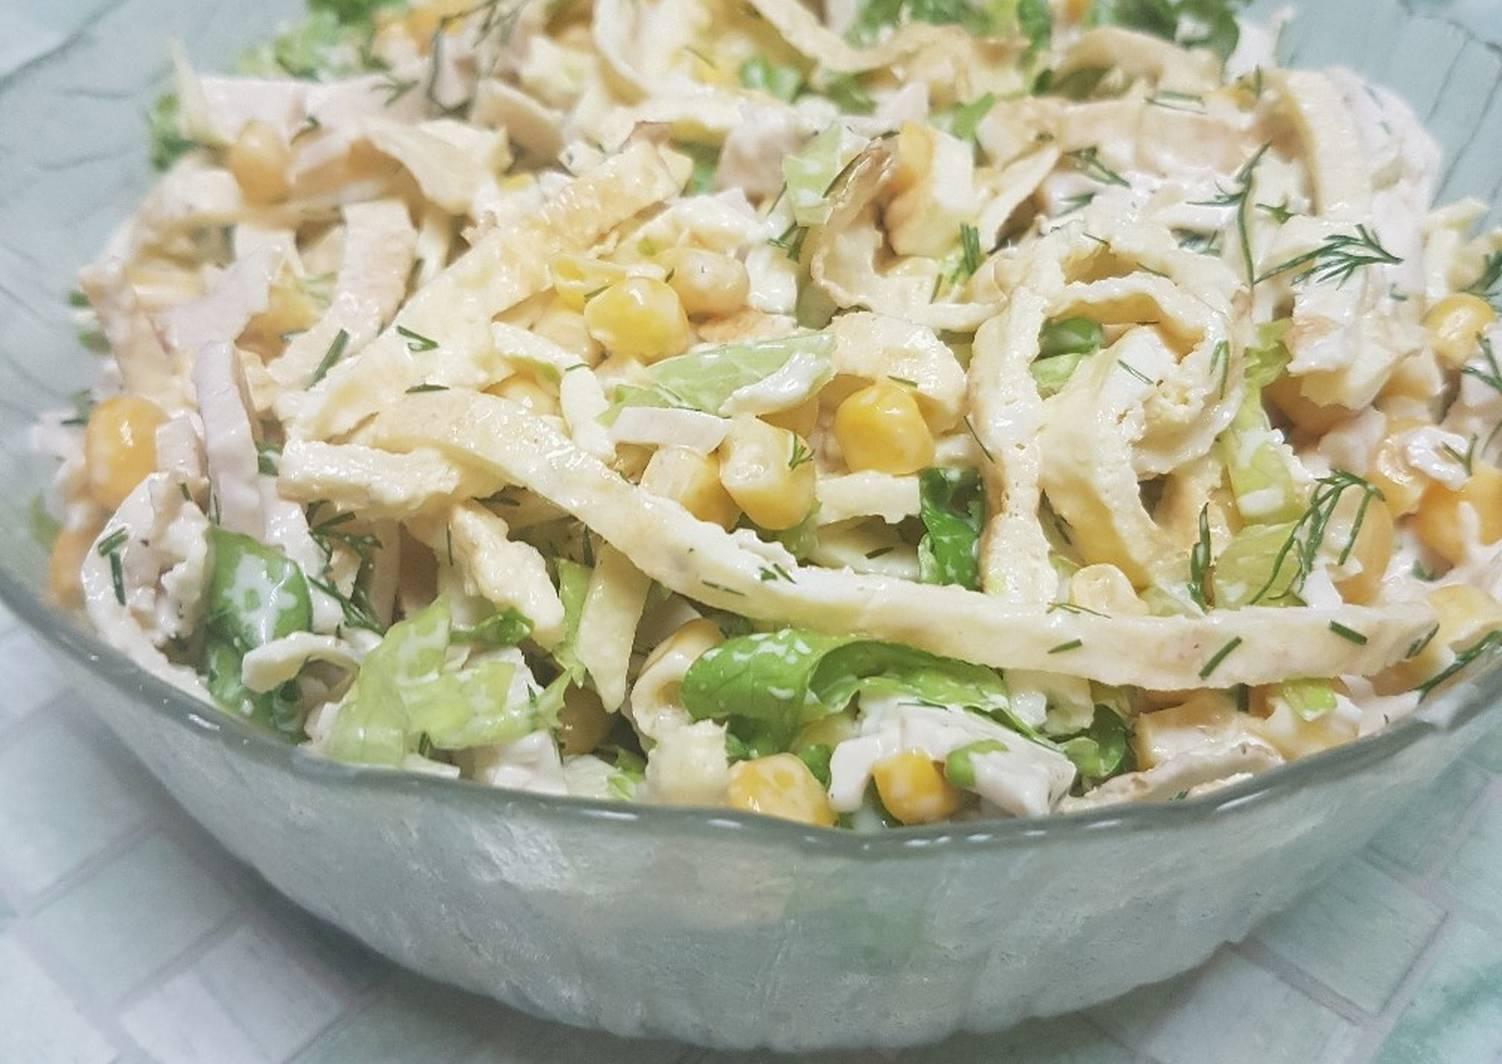 отличие наших легкие нежные салаты рецепты с фото этом году